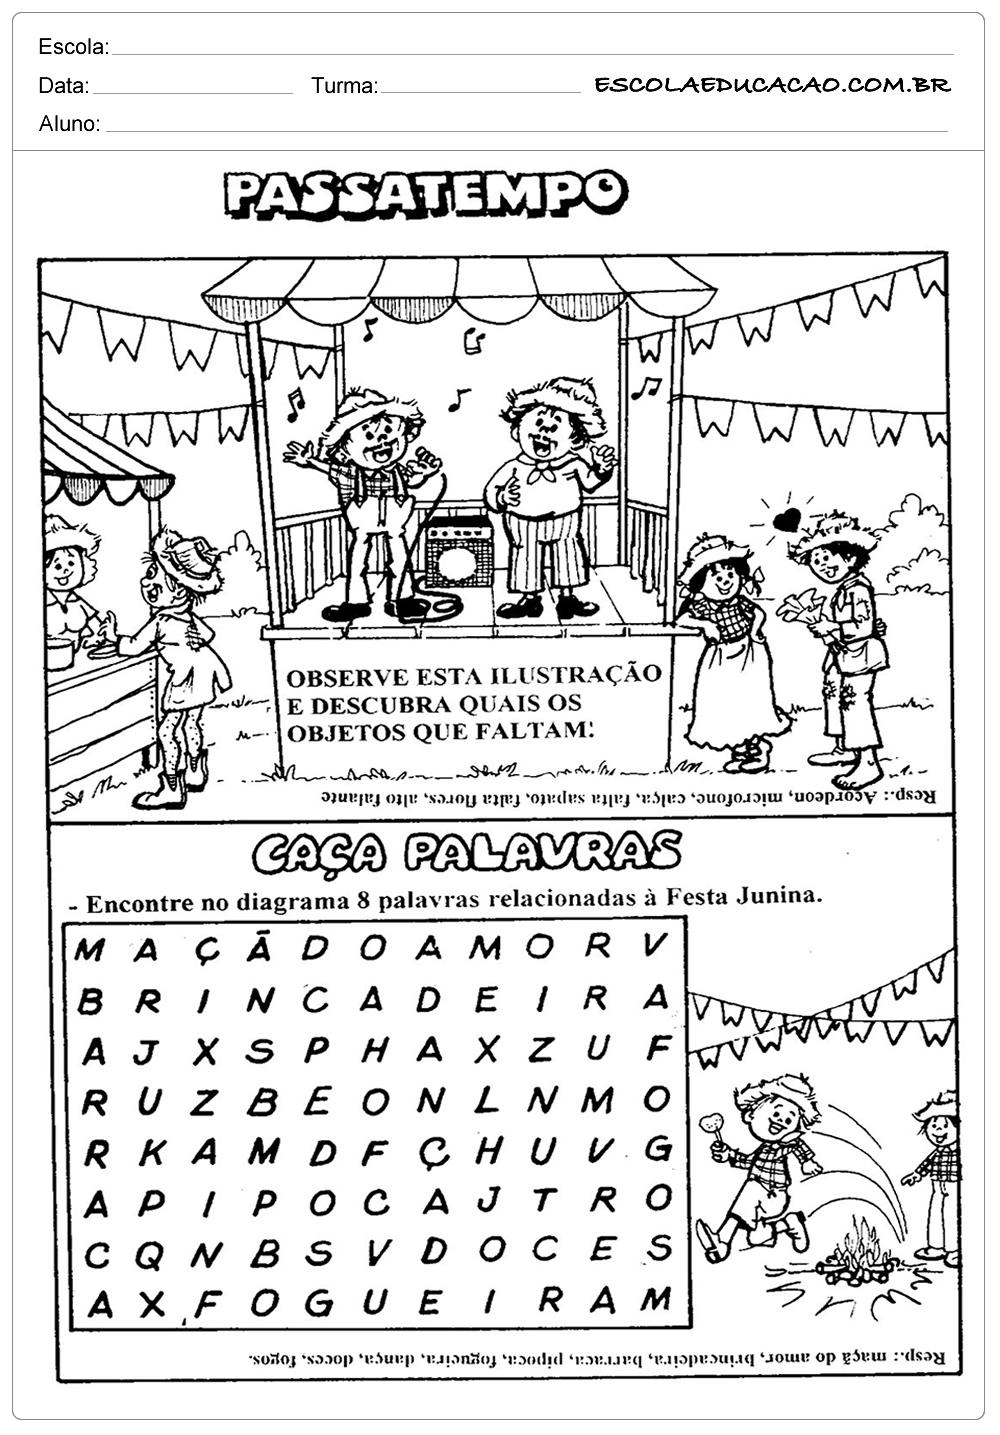 Atividades Festa Junina para Educação Infantil – Passatempo